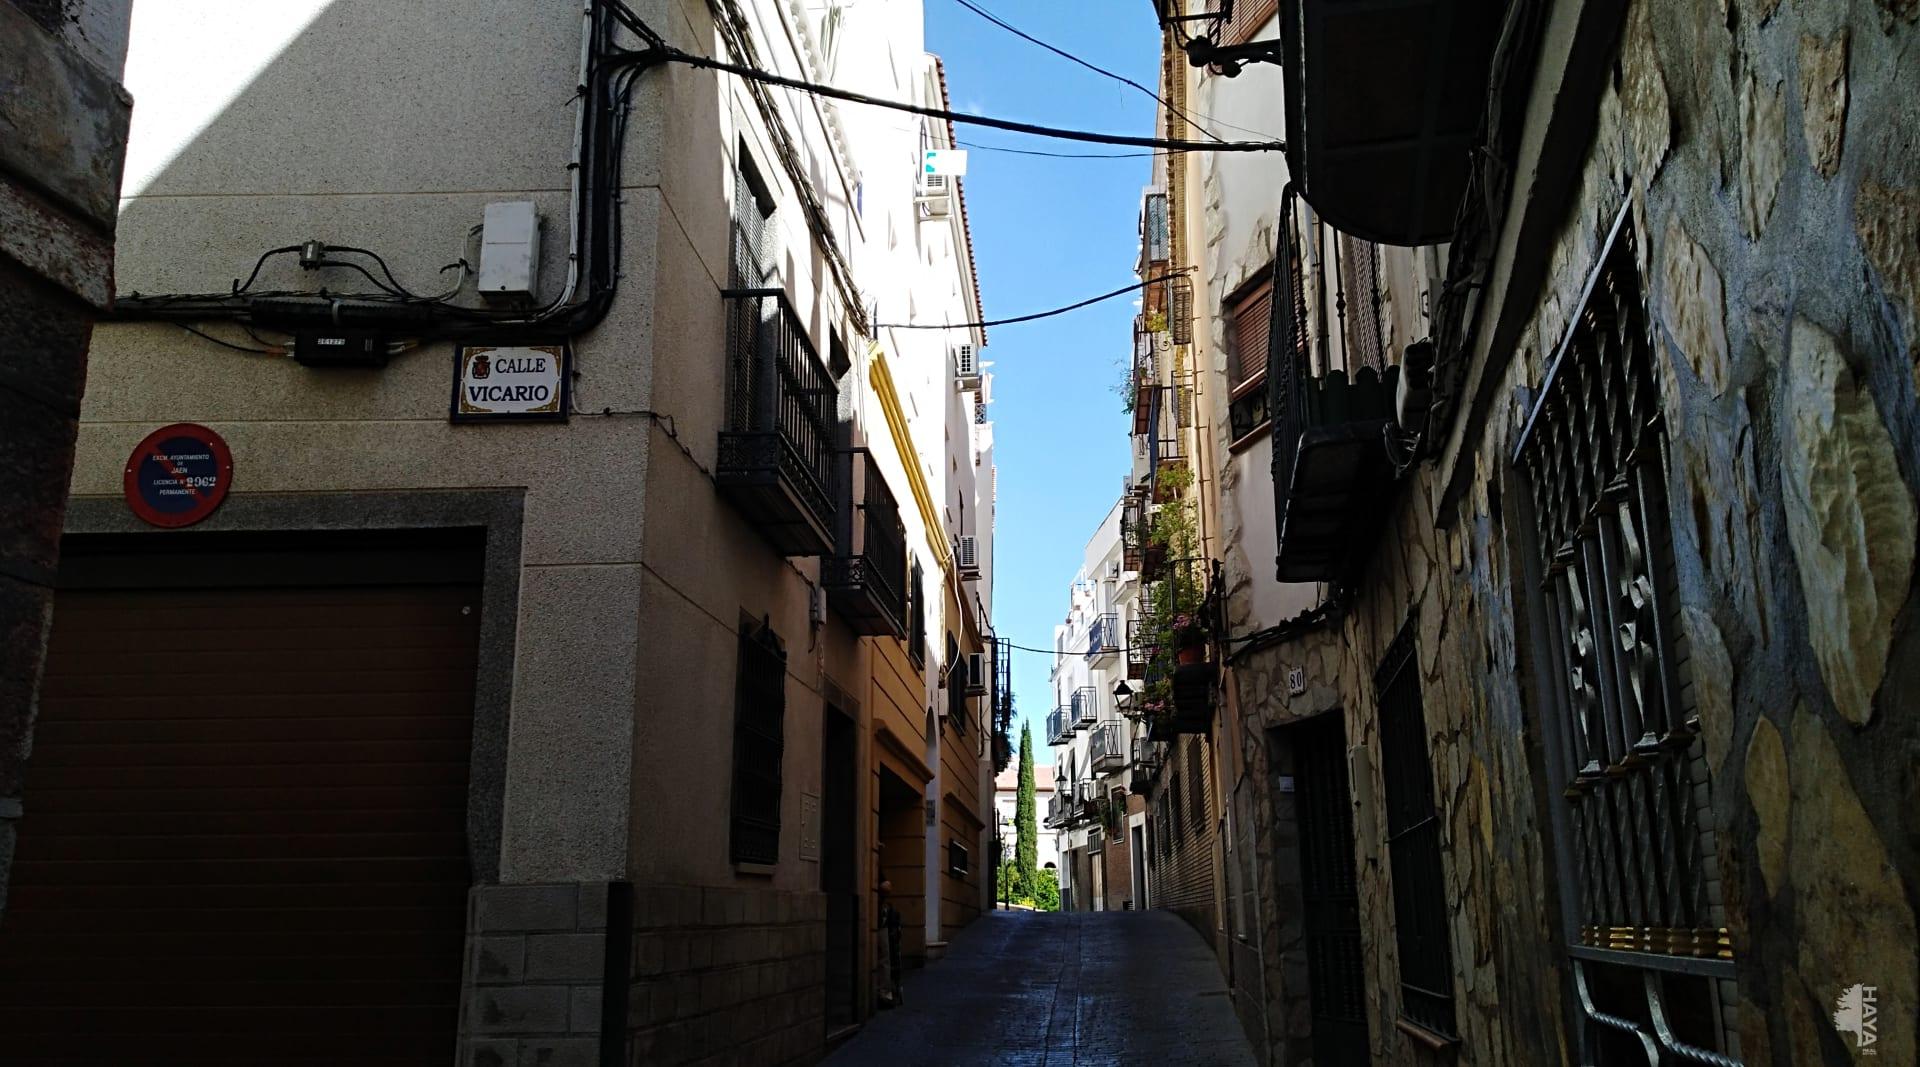 Piso en venta en San Juan, Jaén, Jaén, Calle Almendros Aguilar, 85.100 €, 2 habitaciones, 1 baño, 64 m2